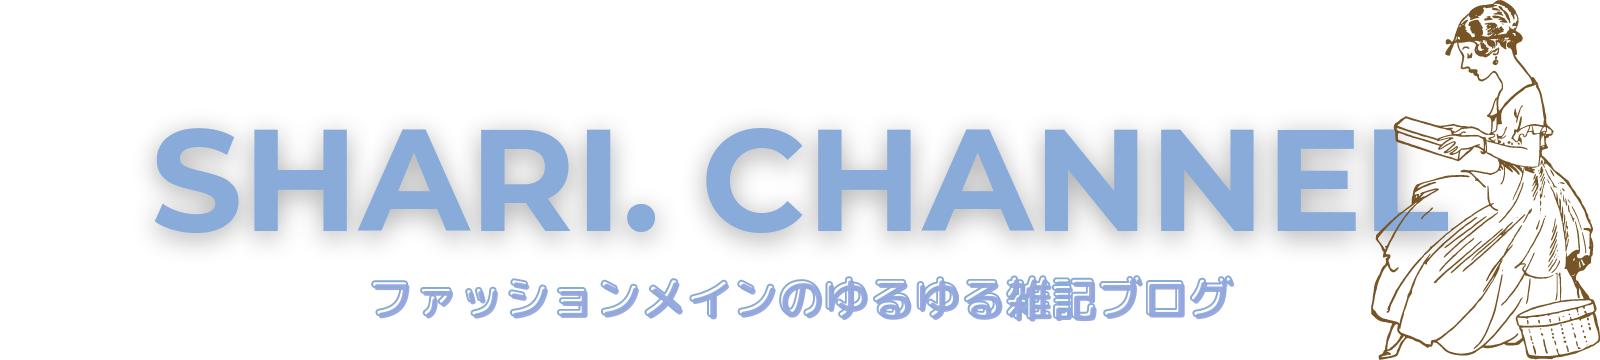 しゃり。チャンネル